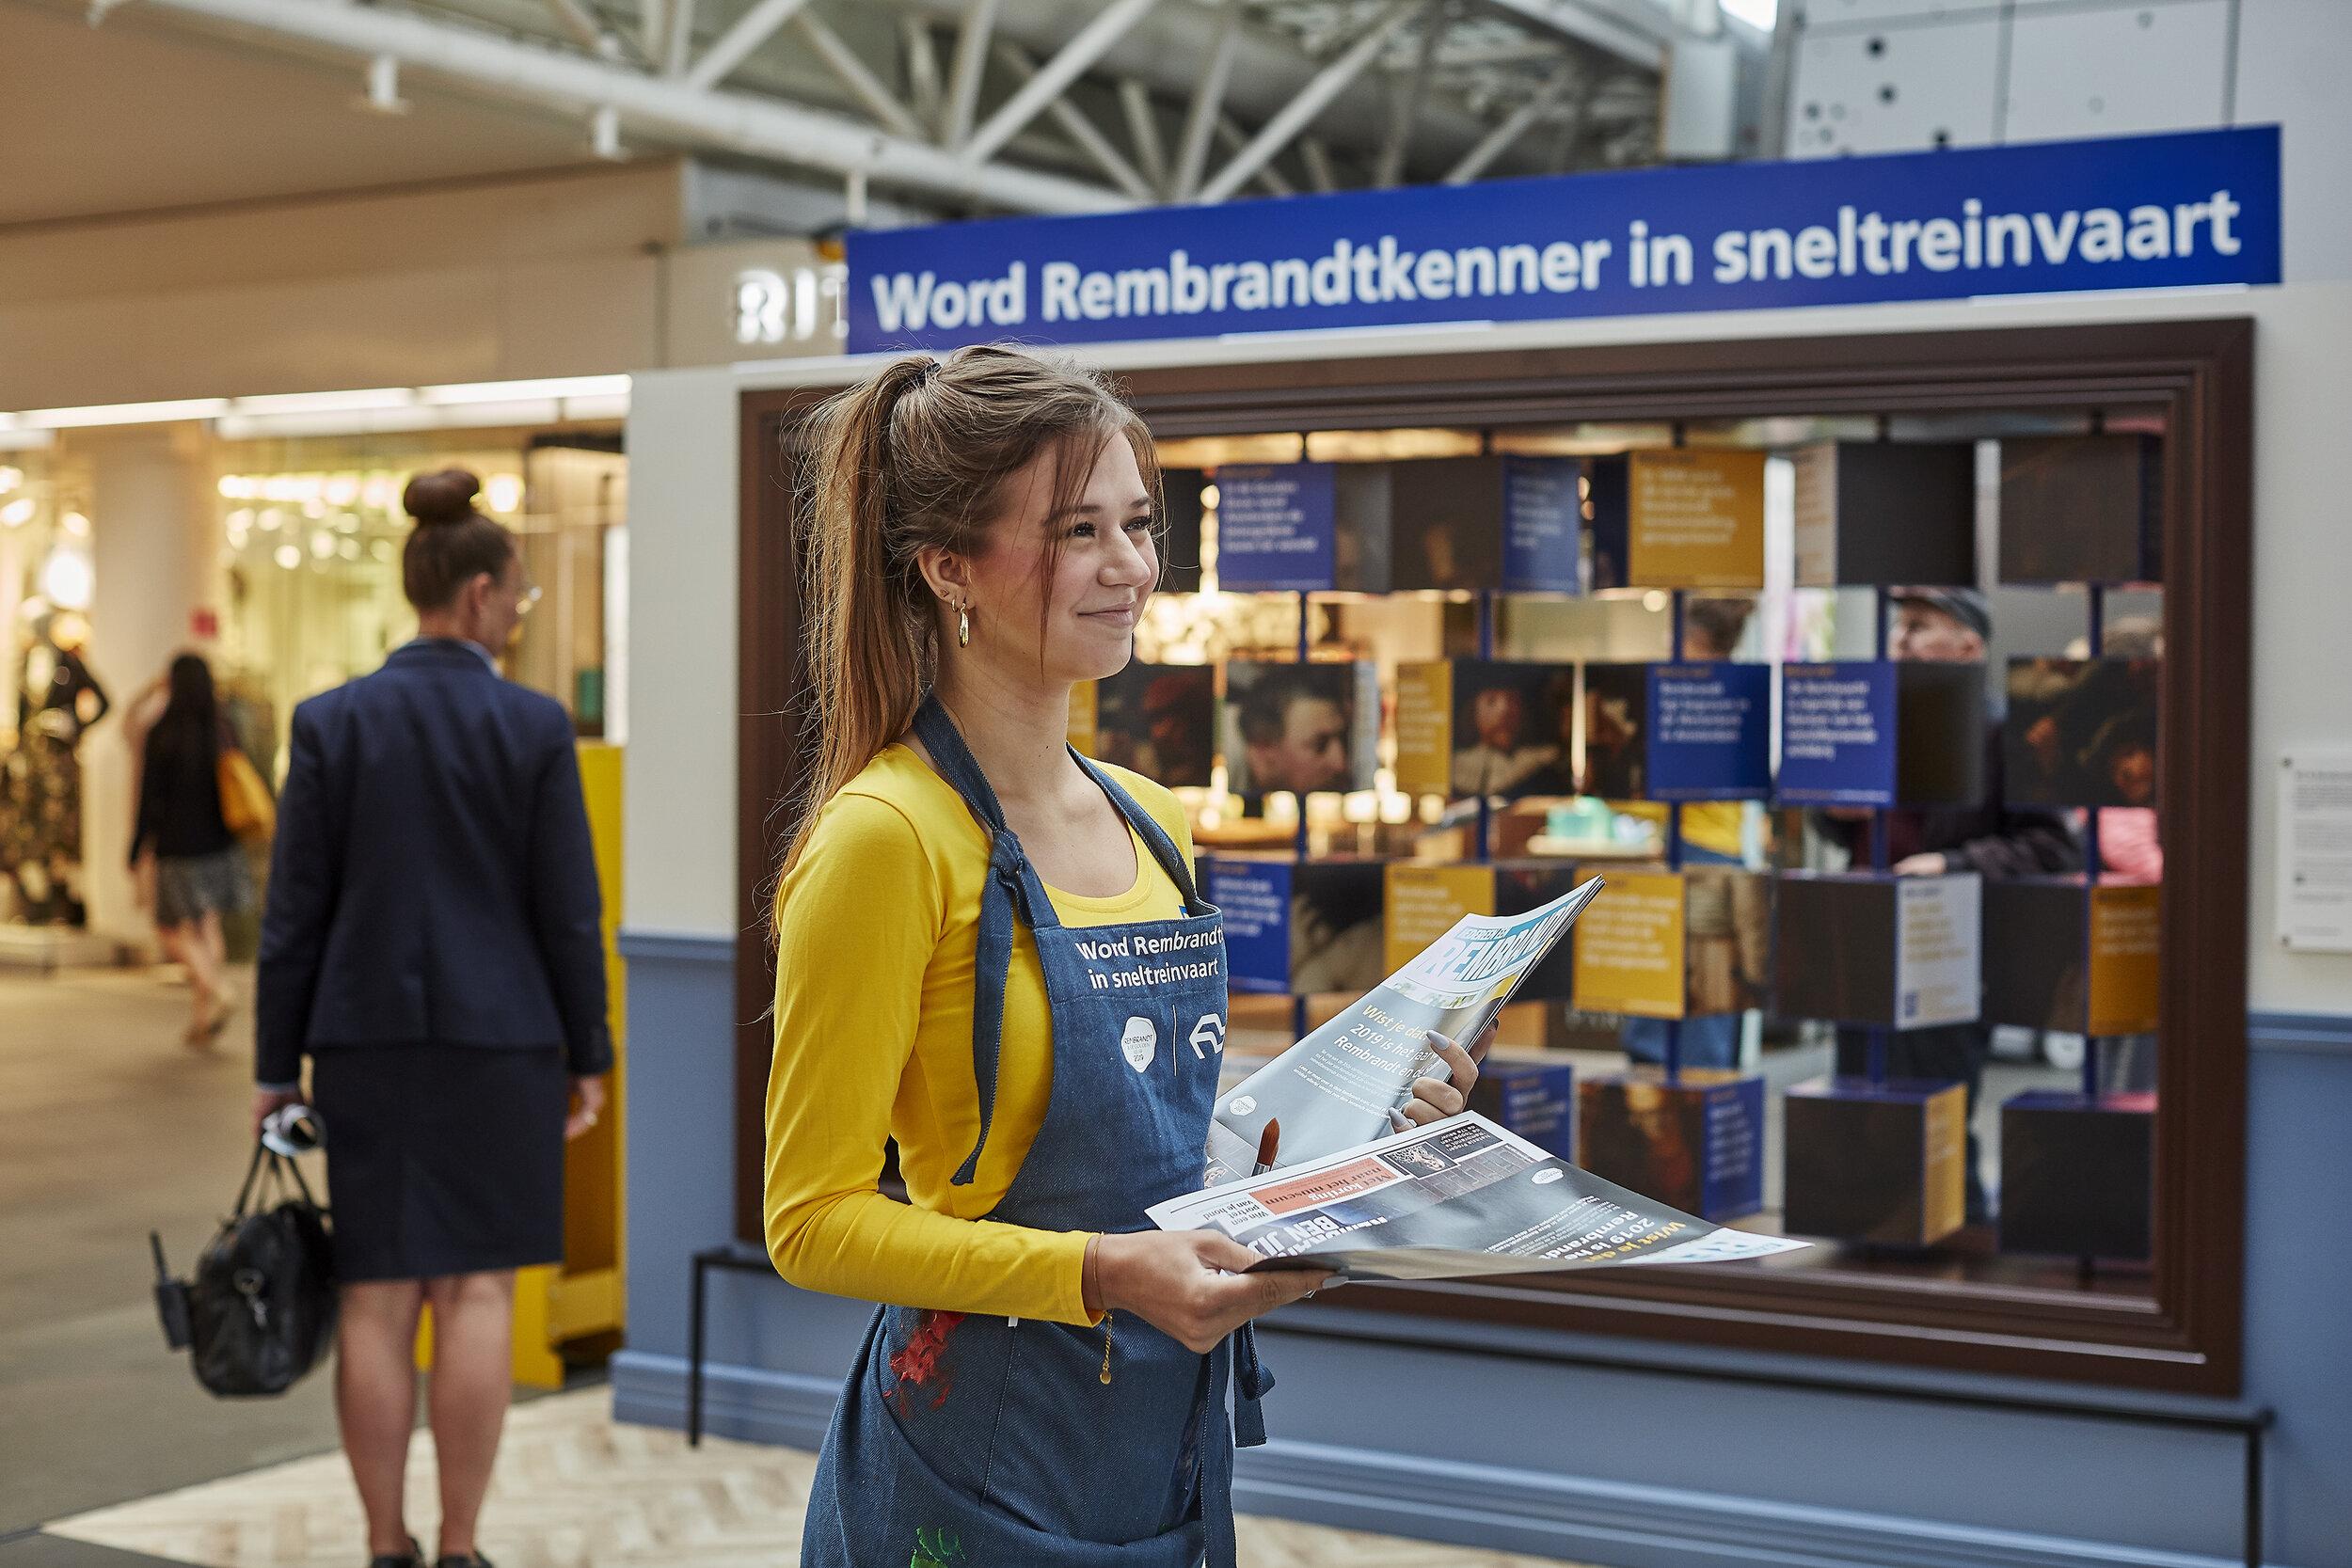 De rondreizende museale live activatie op NS stations vol hapklare 'Wist-je-datjes' over Rembrandt en de Gouden Eeuw.